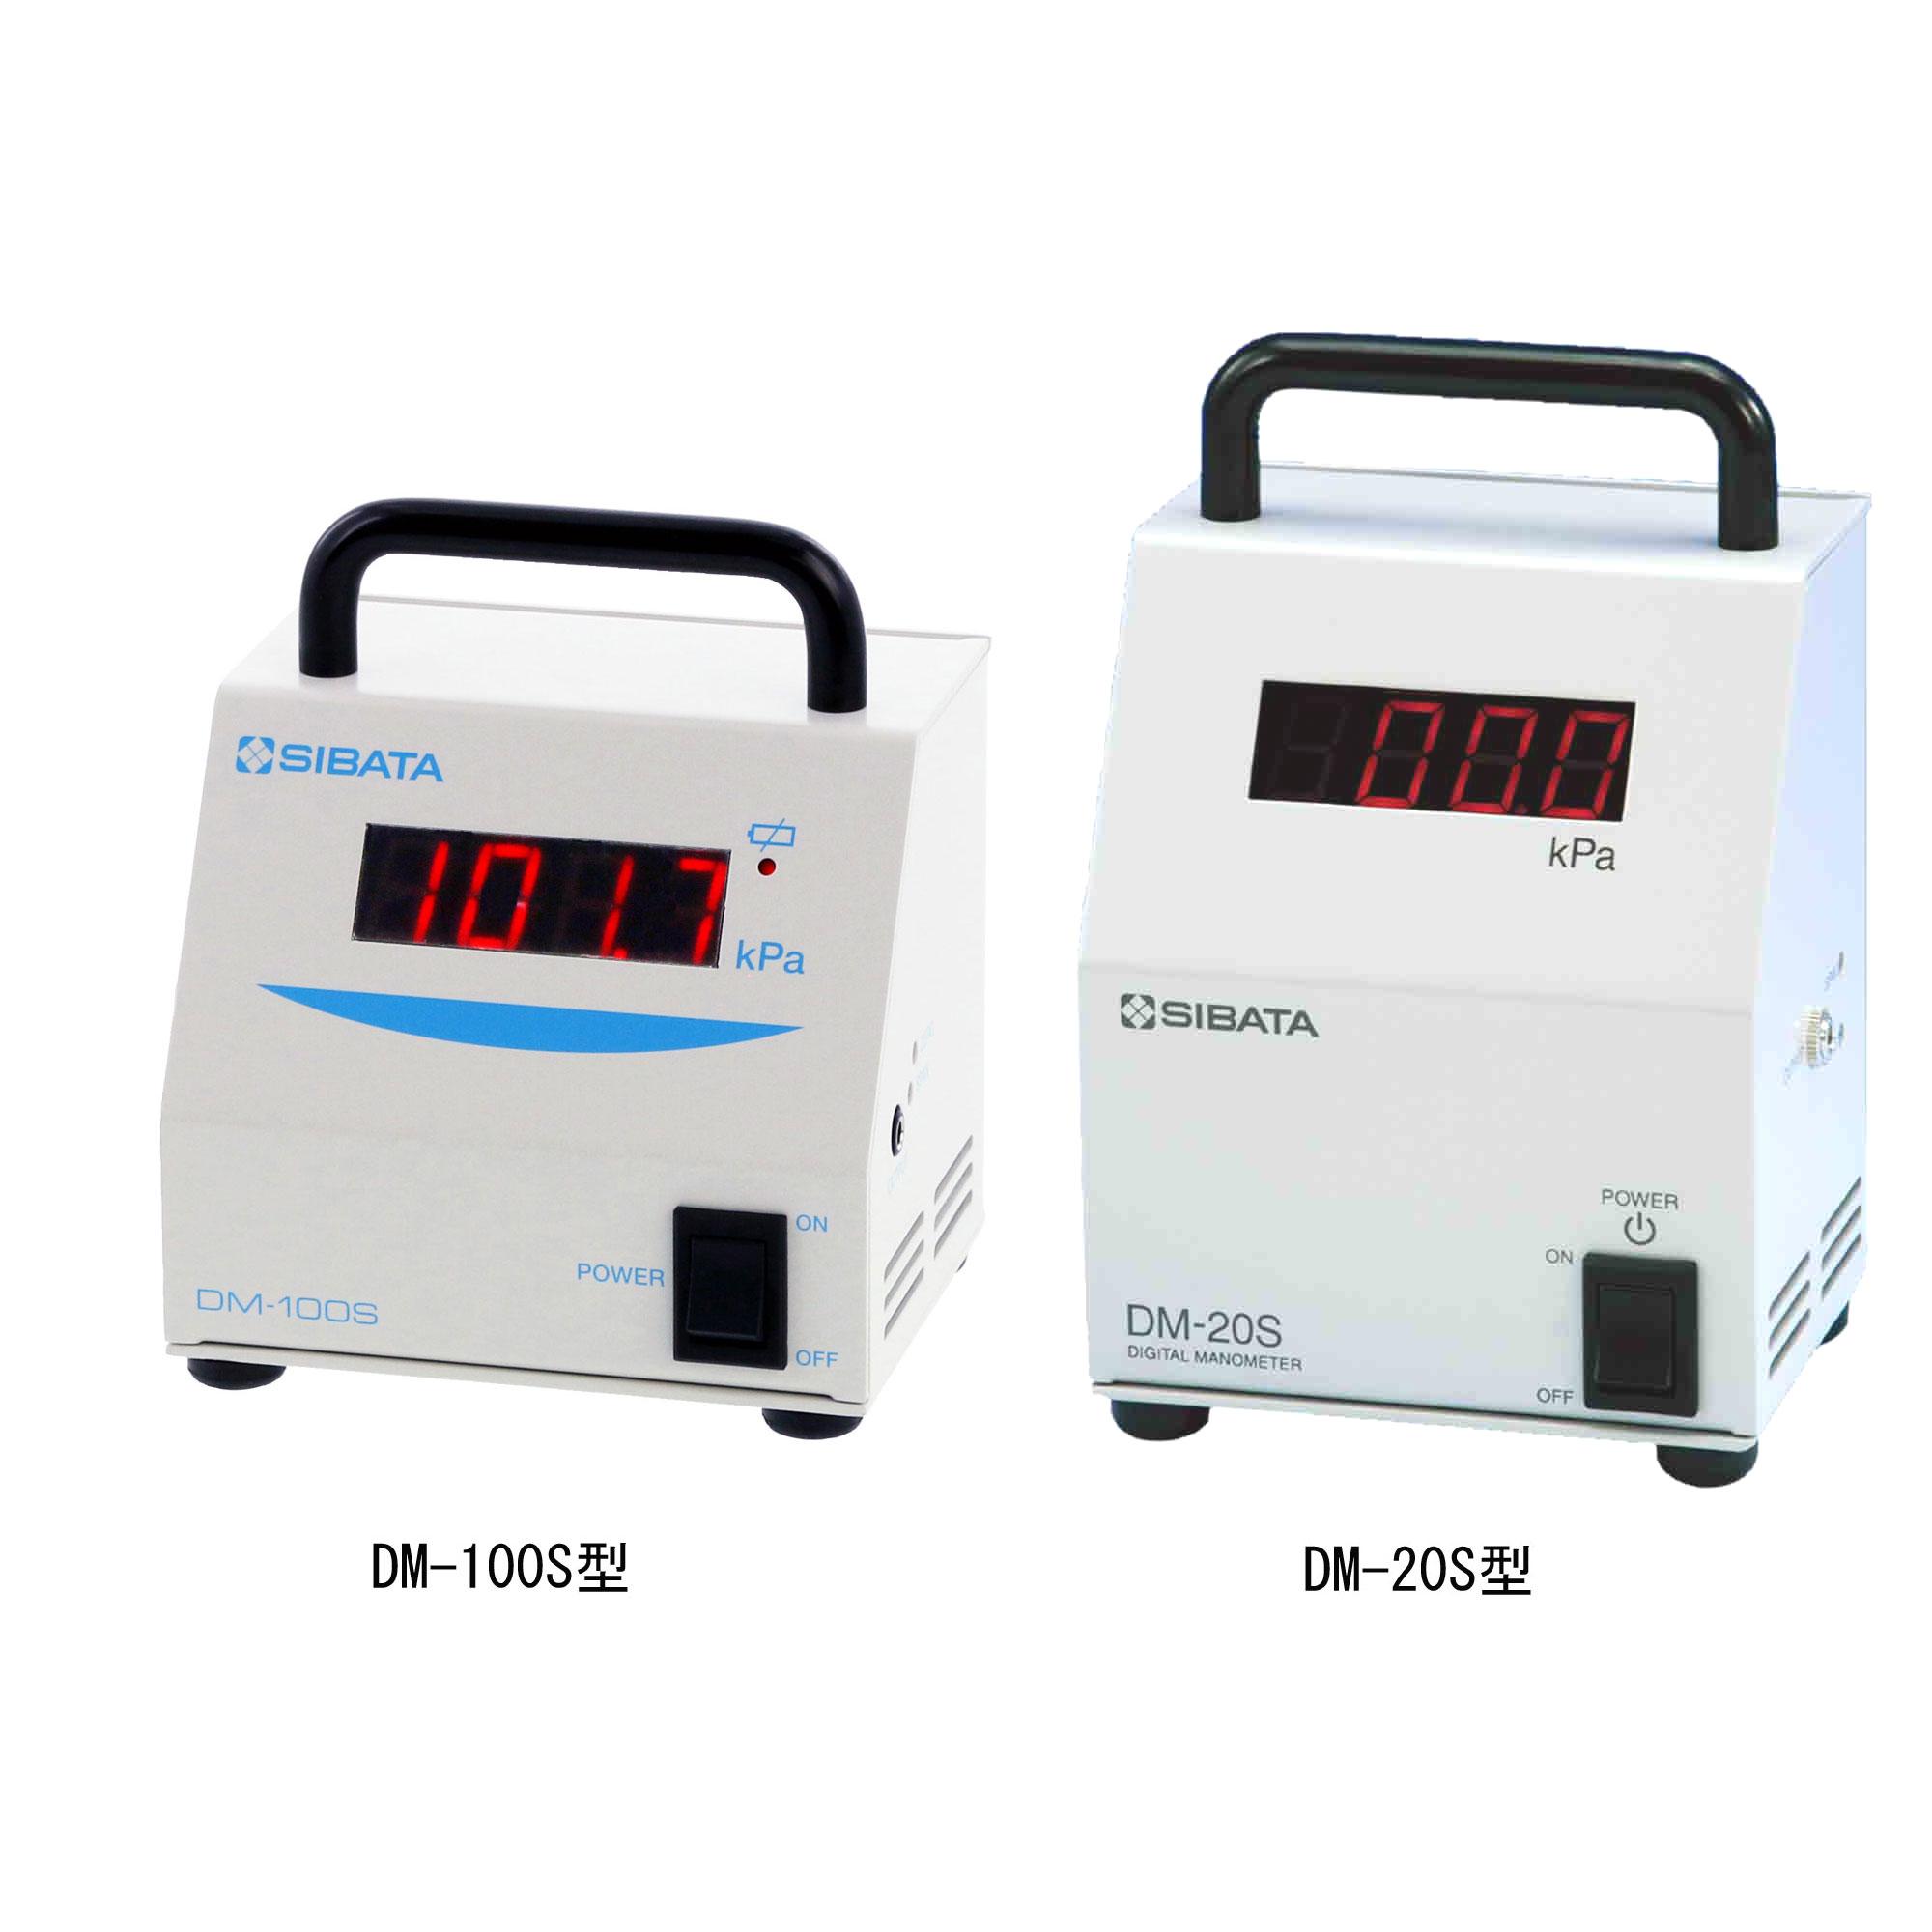 デジタルマノメーター(真空計) DM-100S/DM-20S型